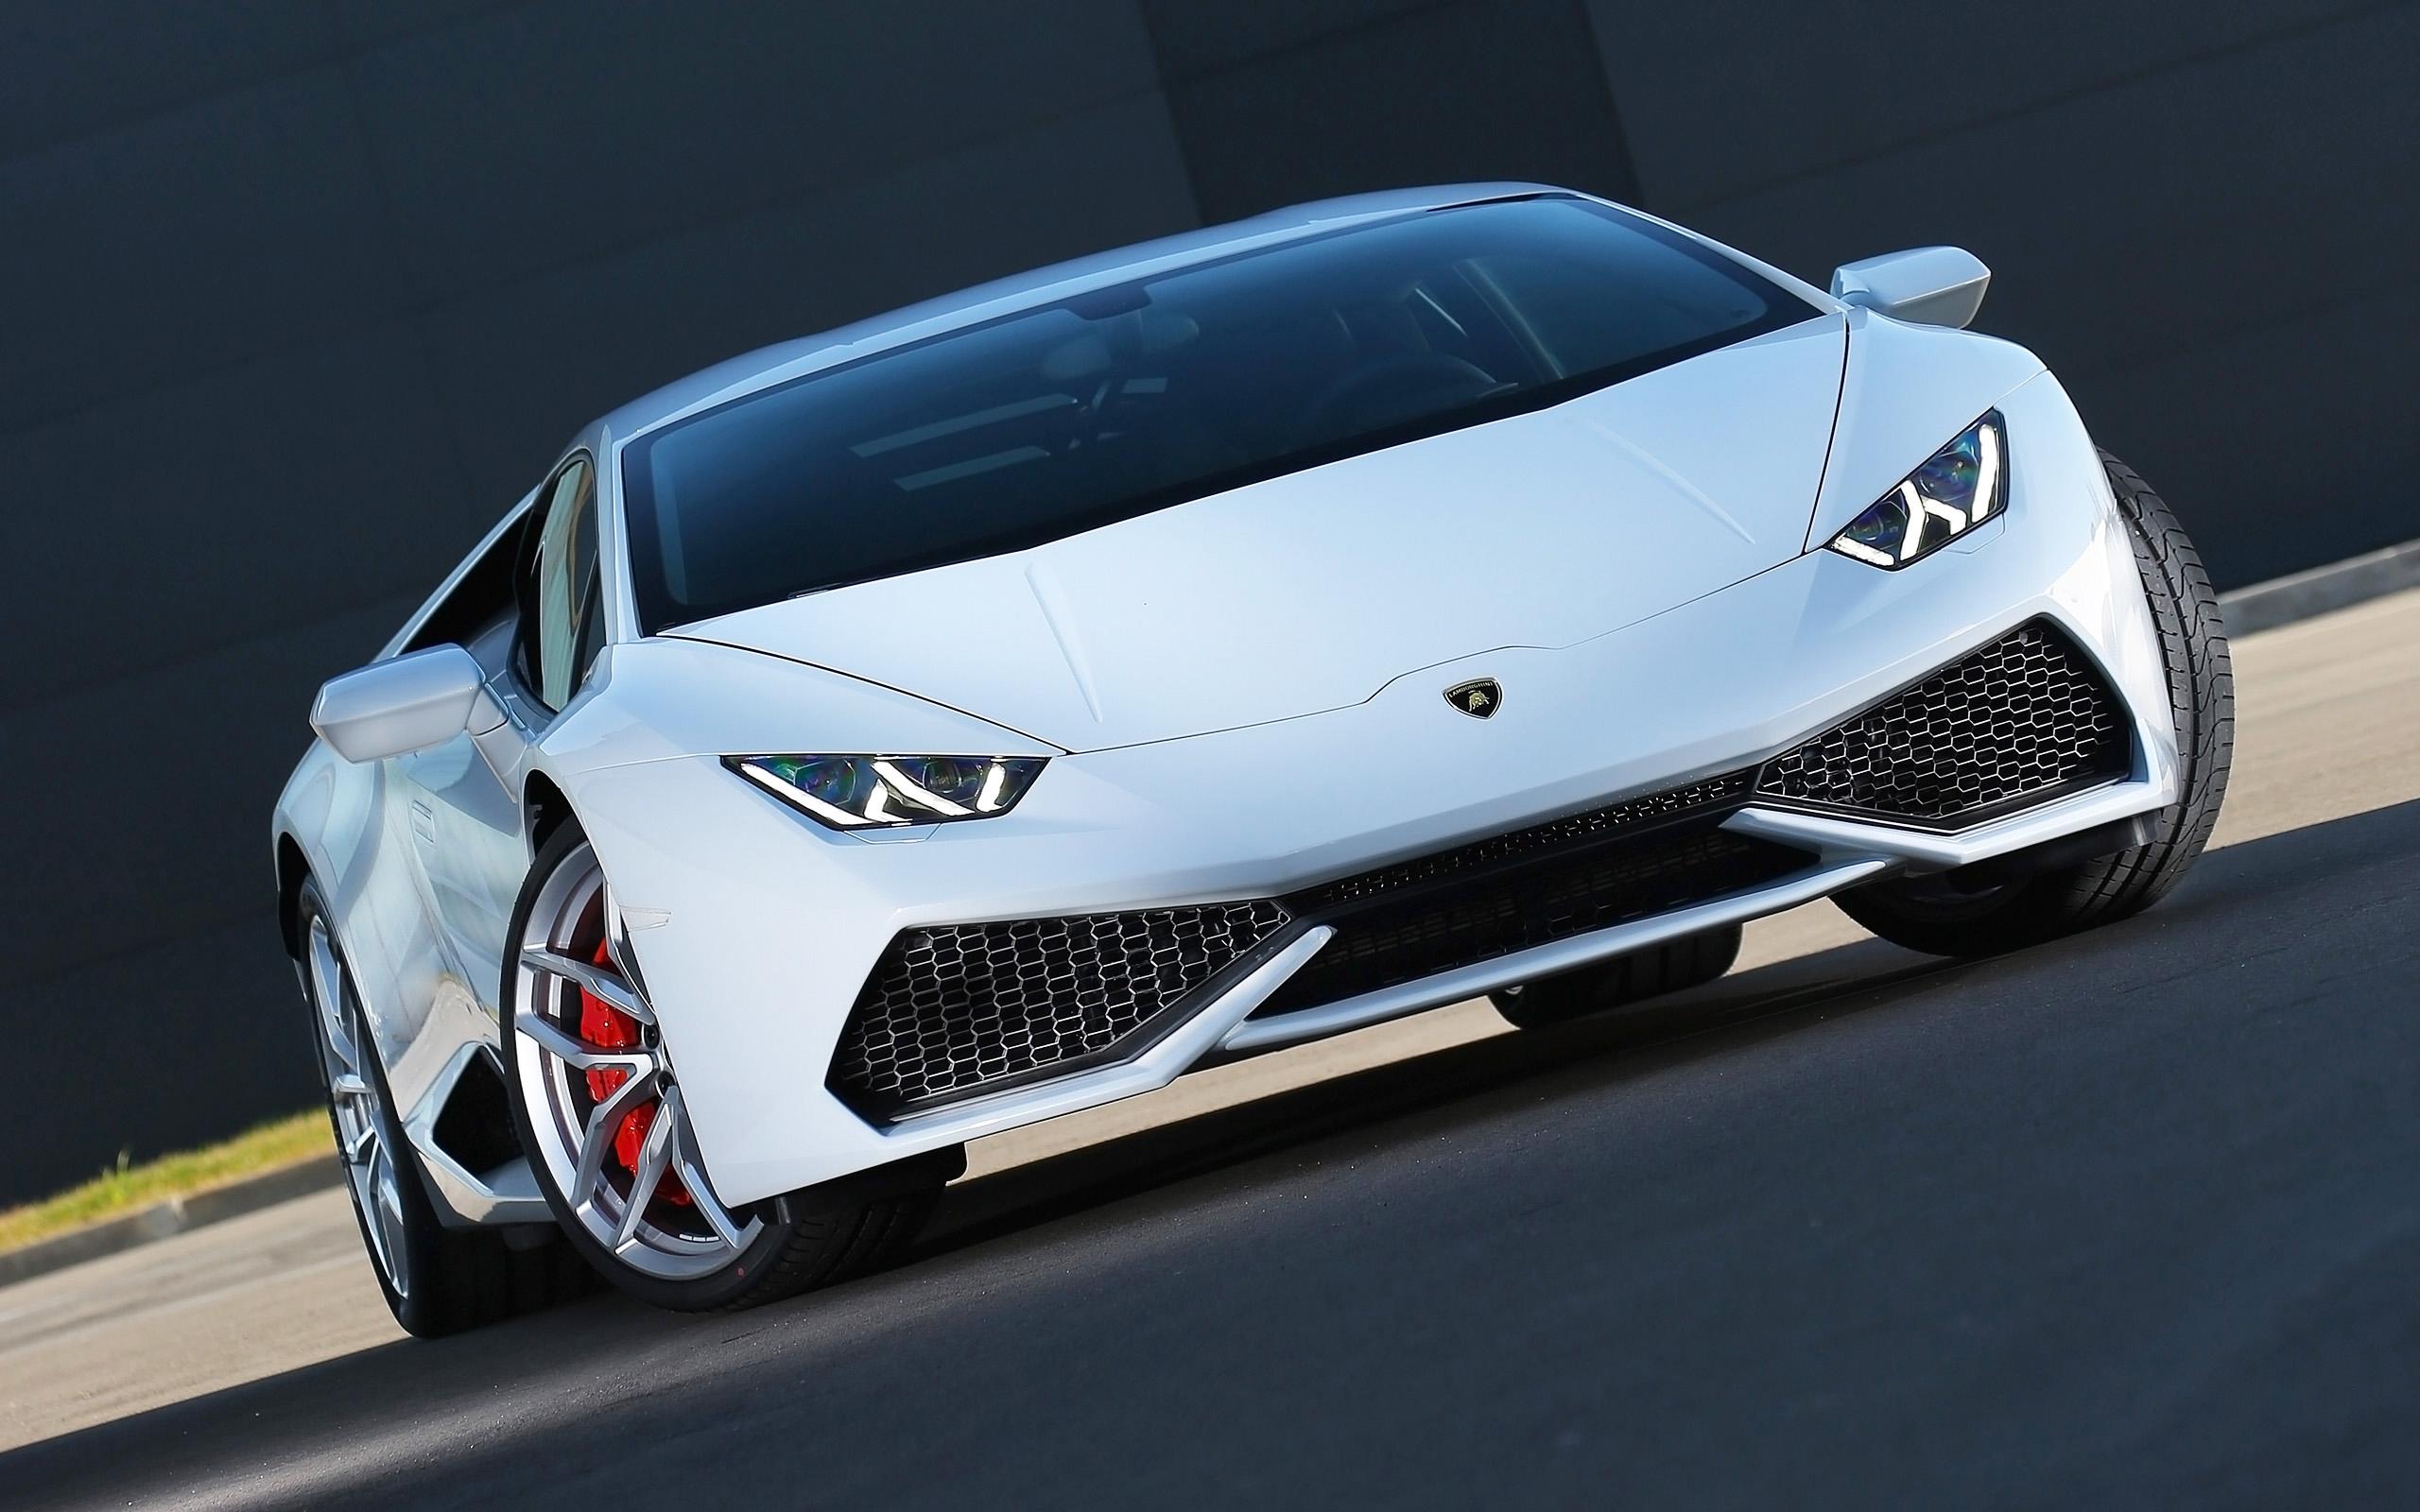 Lamborghini Huracan LP610 4 2014 Wallpaper | HD Car ...